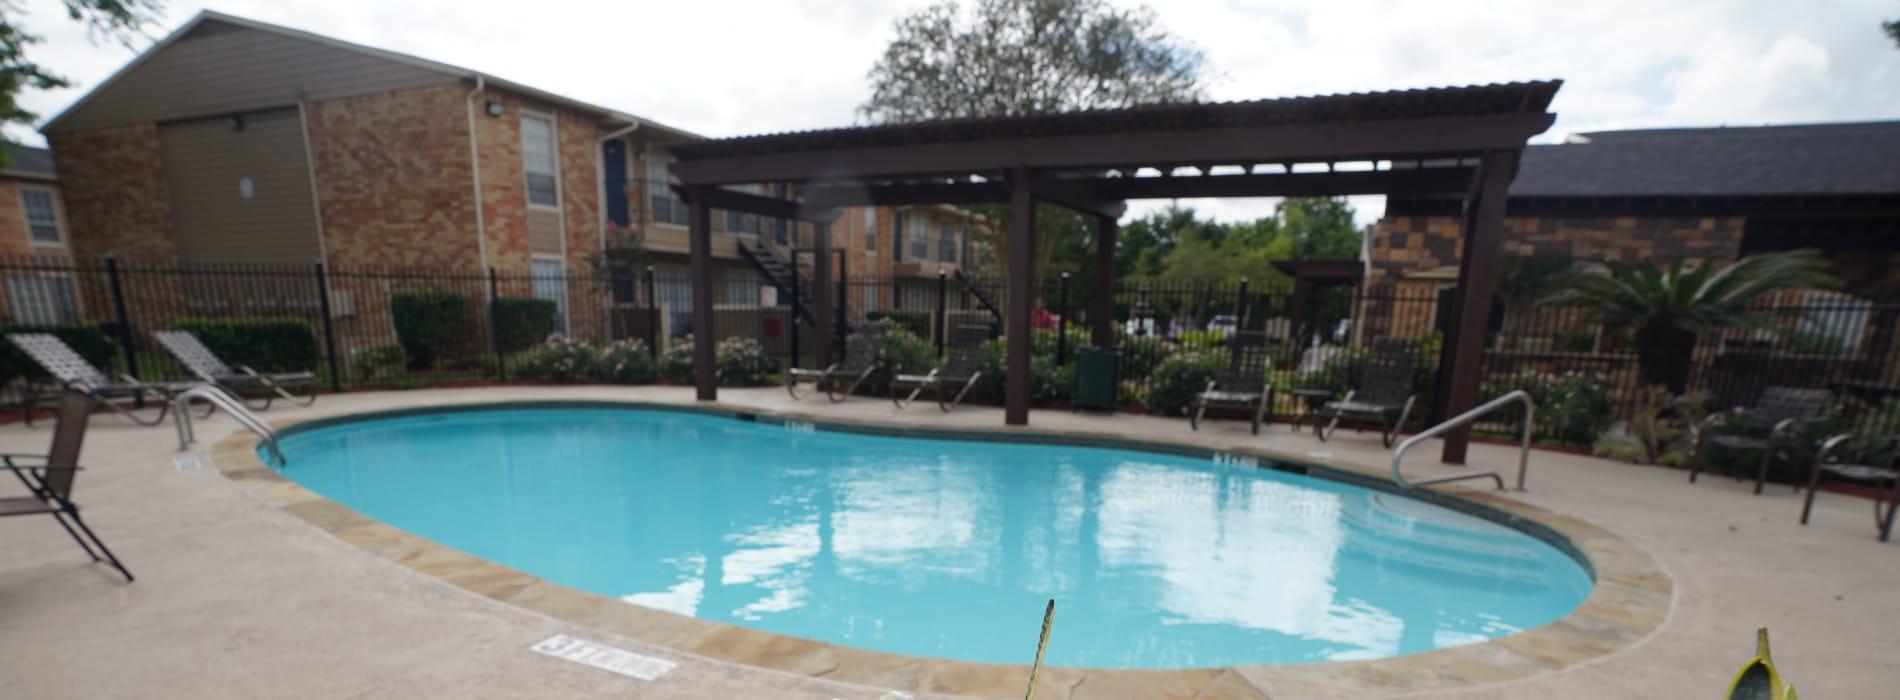 Apartments at Newport Oaks Apartments in Alvin, Texas